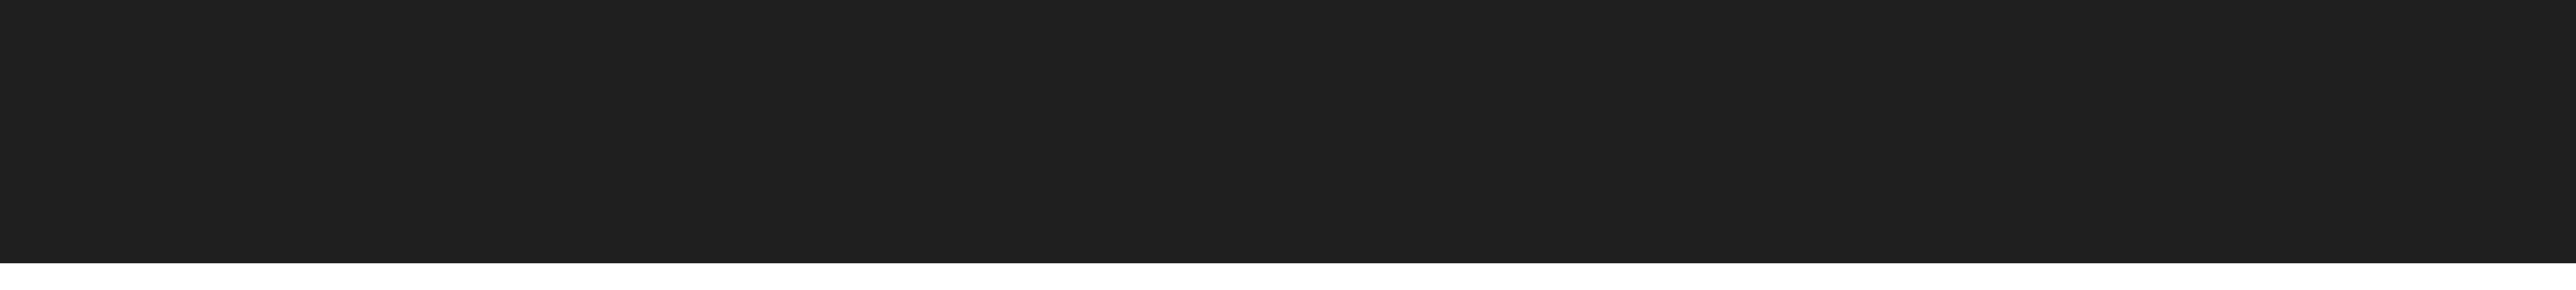 Decoration transparent png clip. Lace clipart brown lace